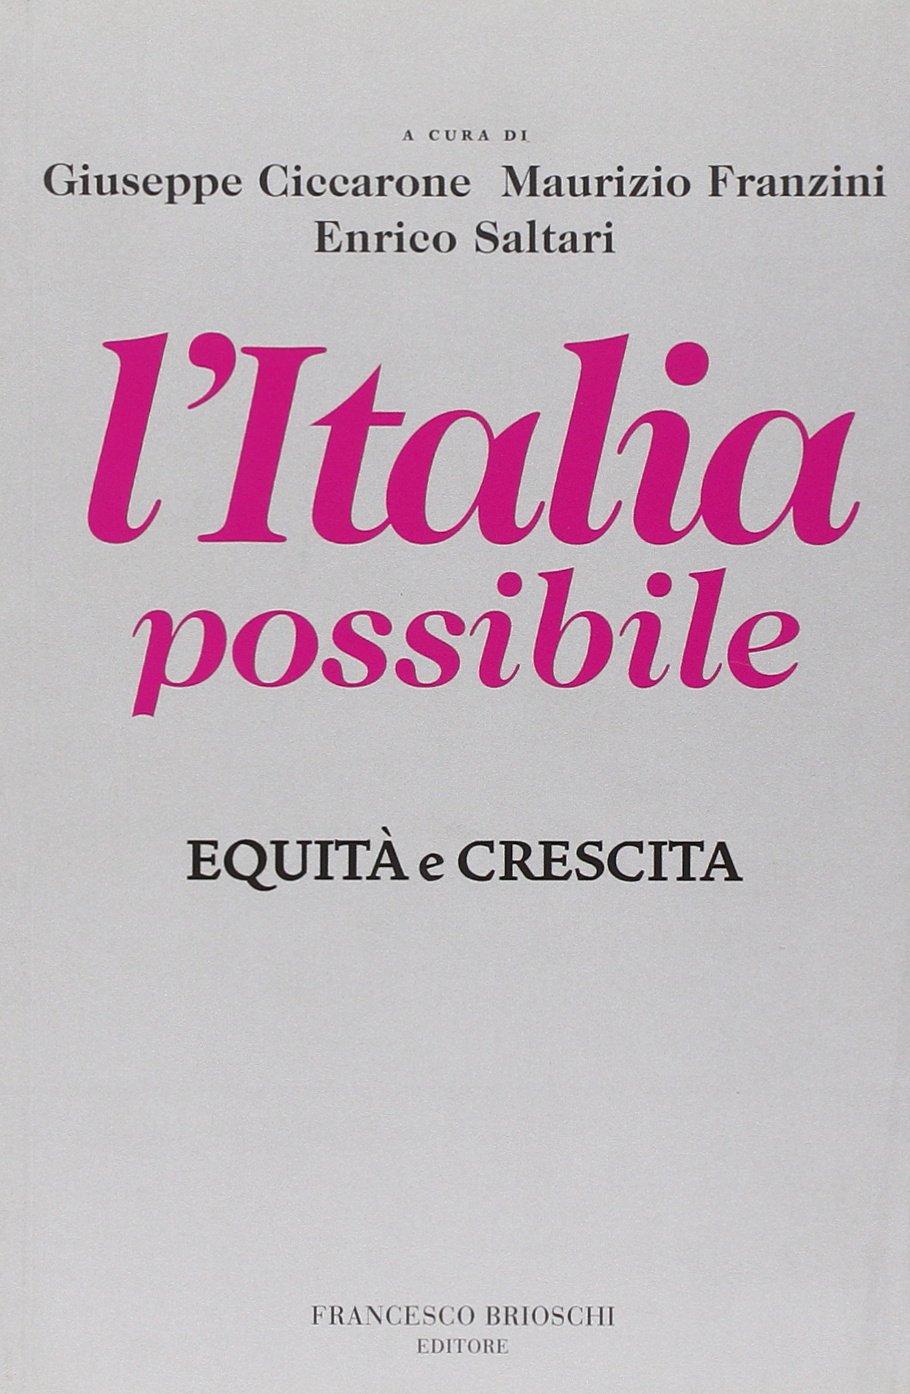 L'Italia possibile. Equità e crescita Copertina flessibile – 30 nov 2009 G. Ciccarone M. Franzini E. Saltari Brioschi